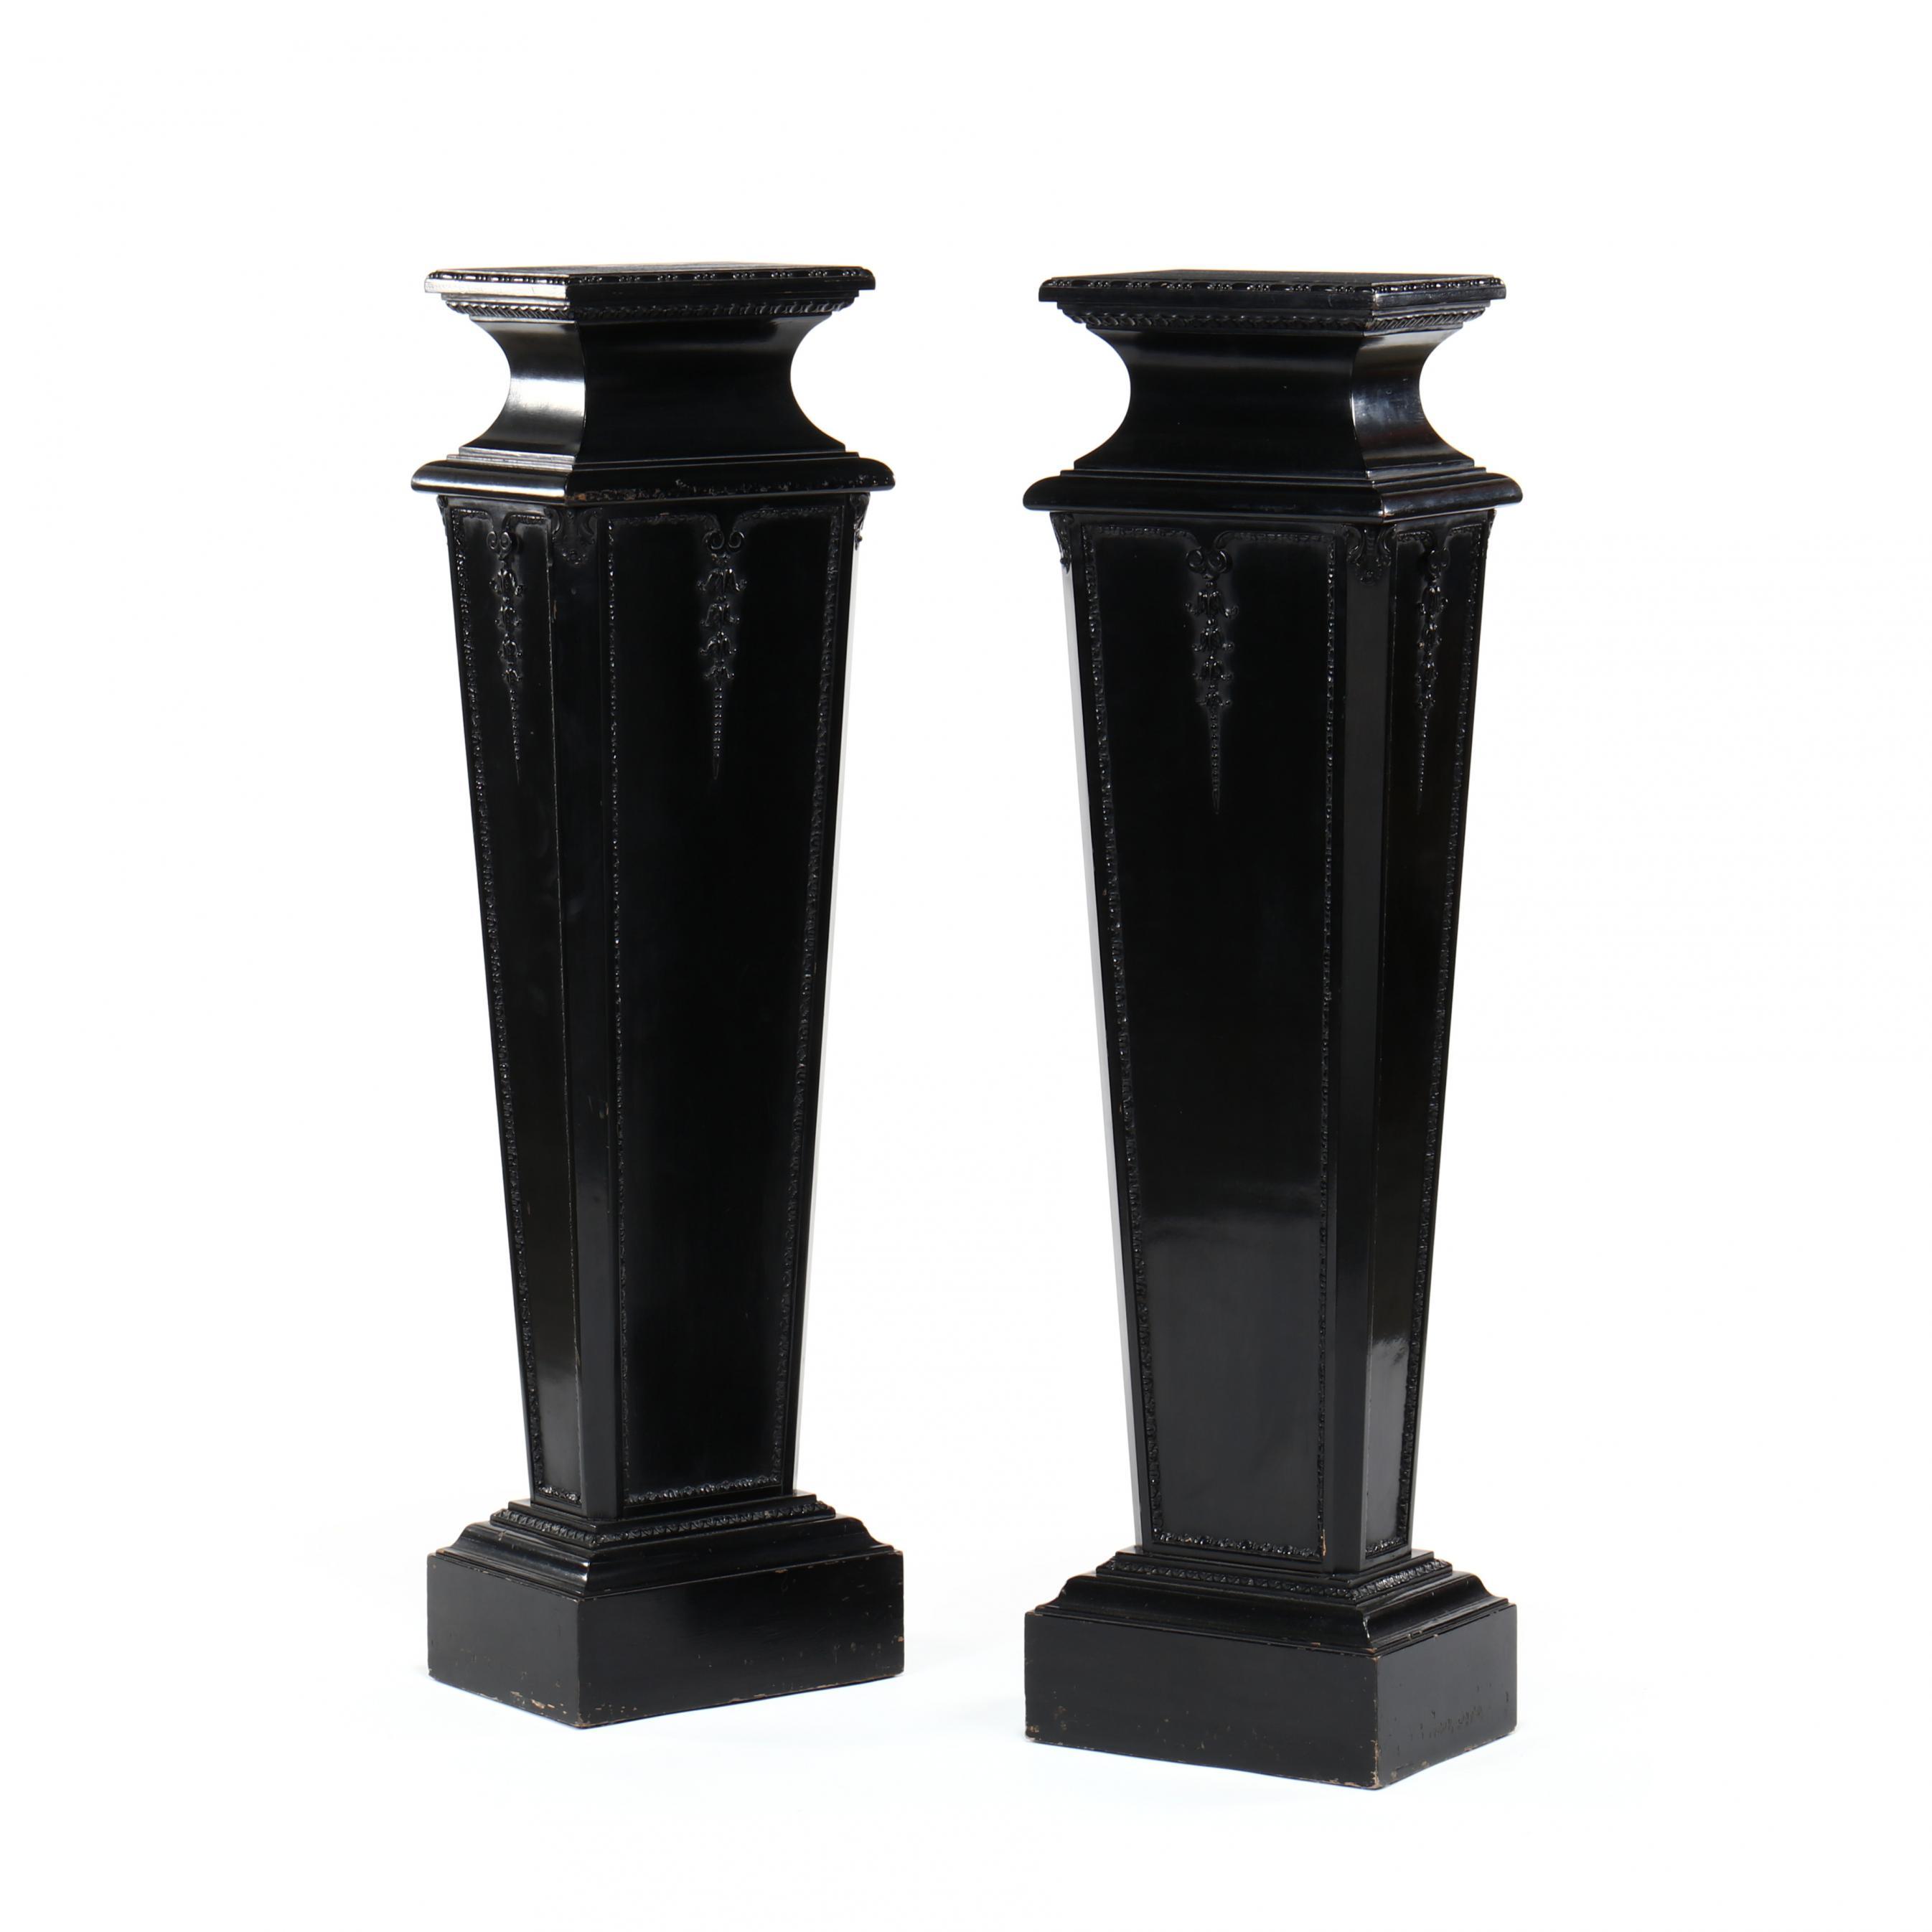 pair-of-louis-xvi-style-ebonized-pedestals